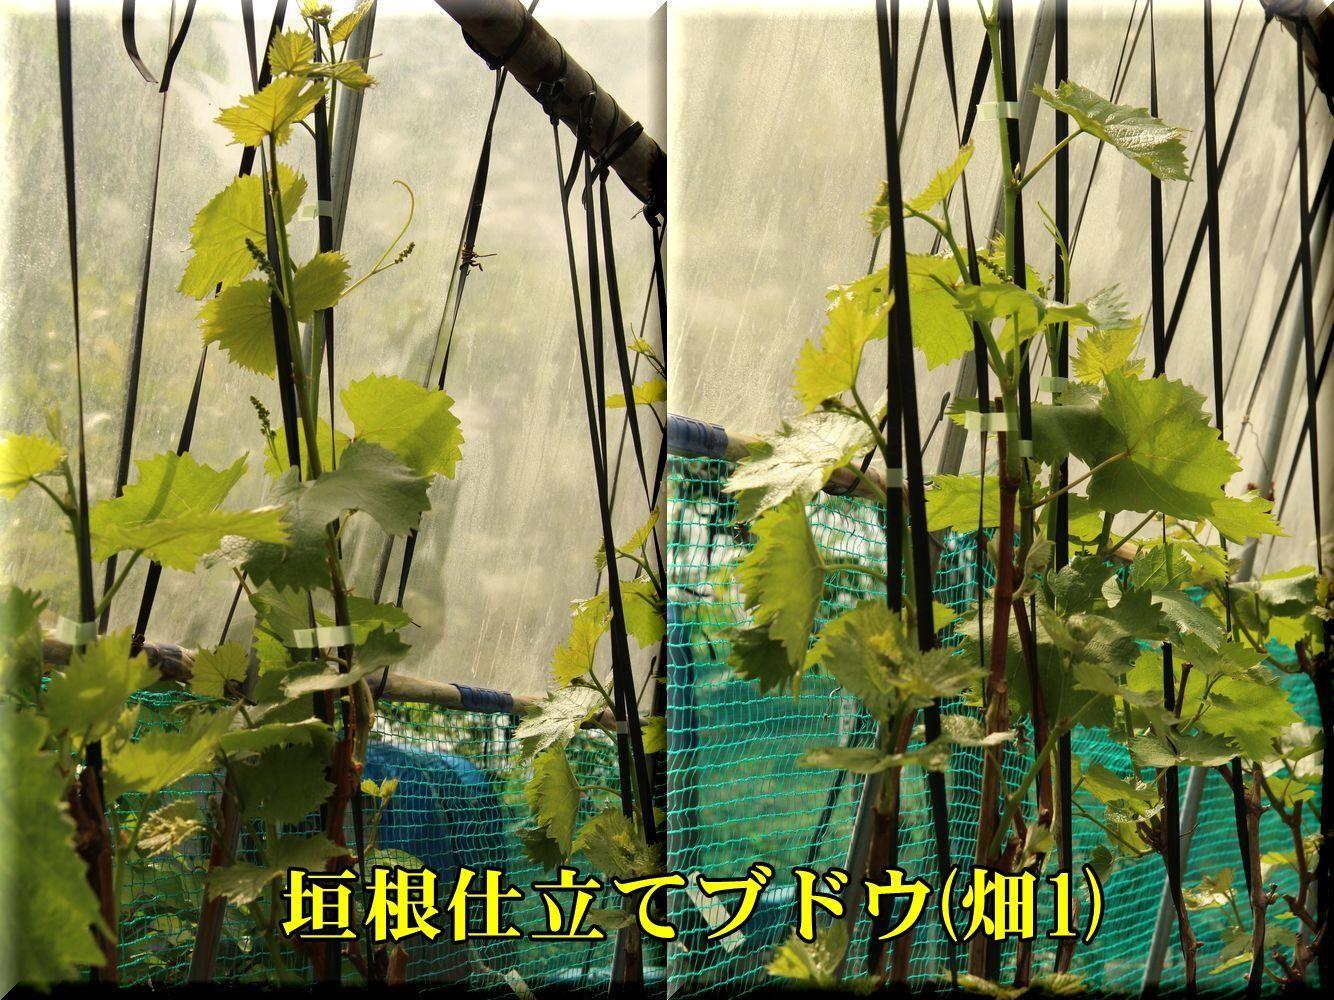 1kakine_rain180426_092.jpg